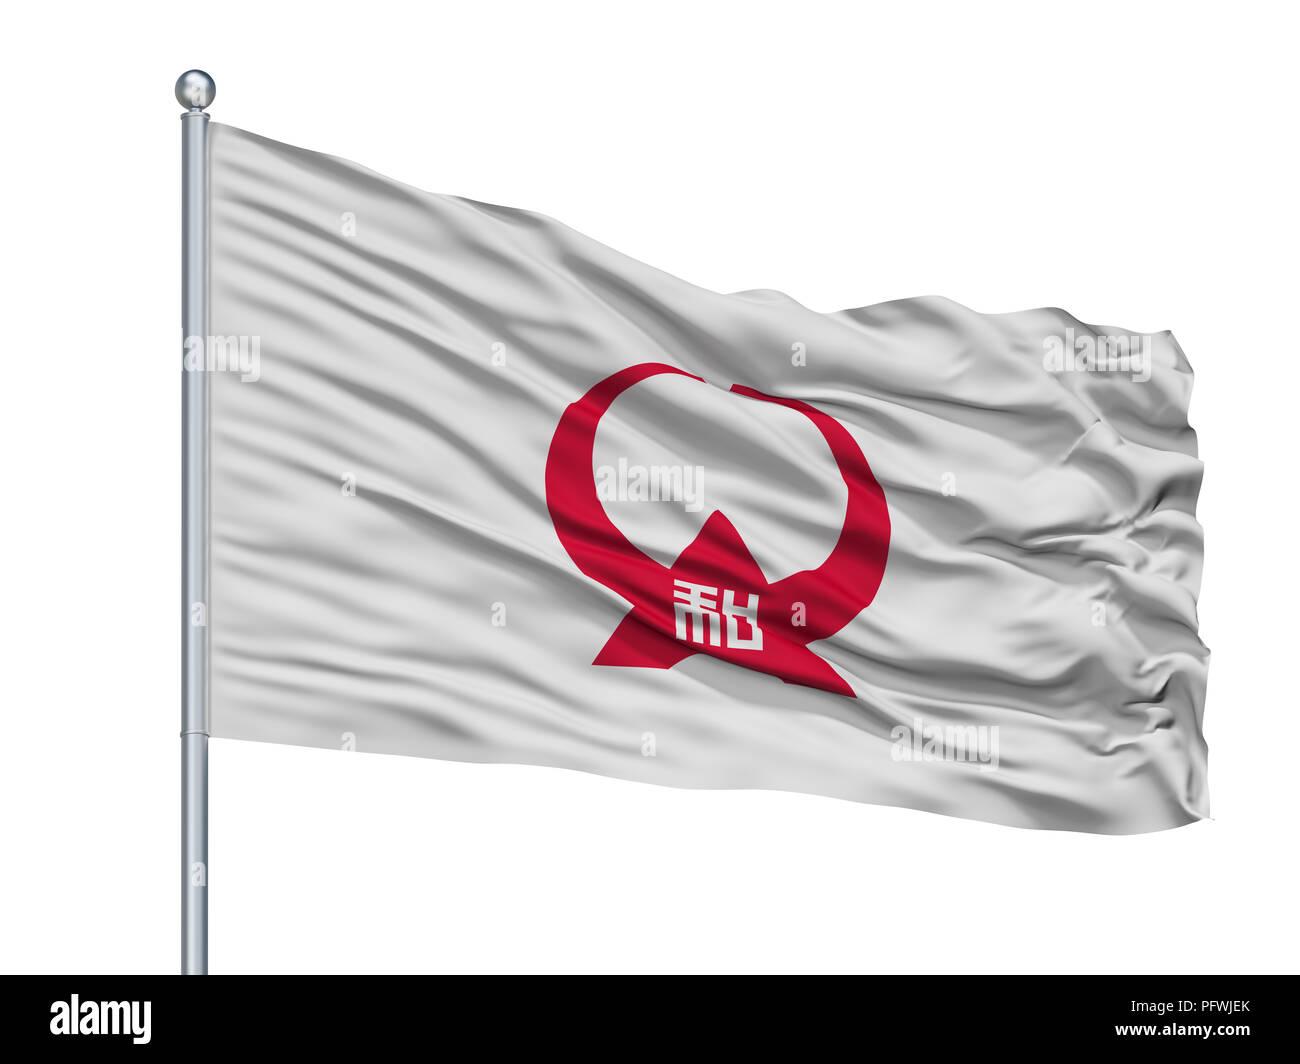 Yamato City Flag On Flagpole, Japan, Kanagawa Prefecture, Isolated On White Background - Stock Image